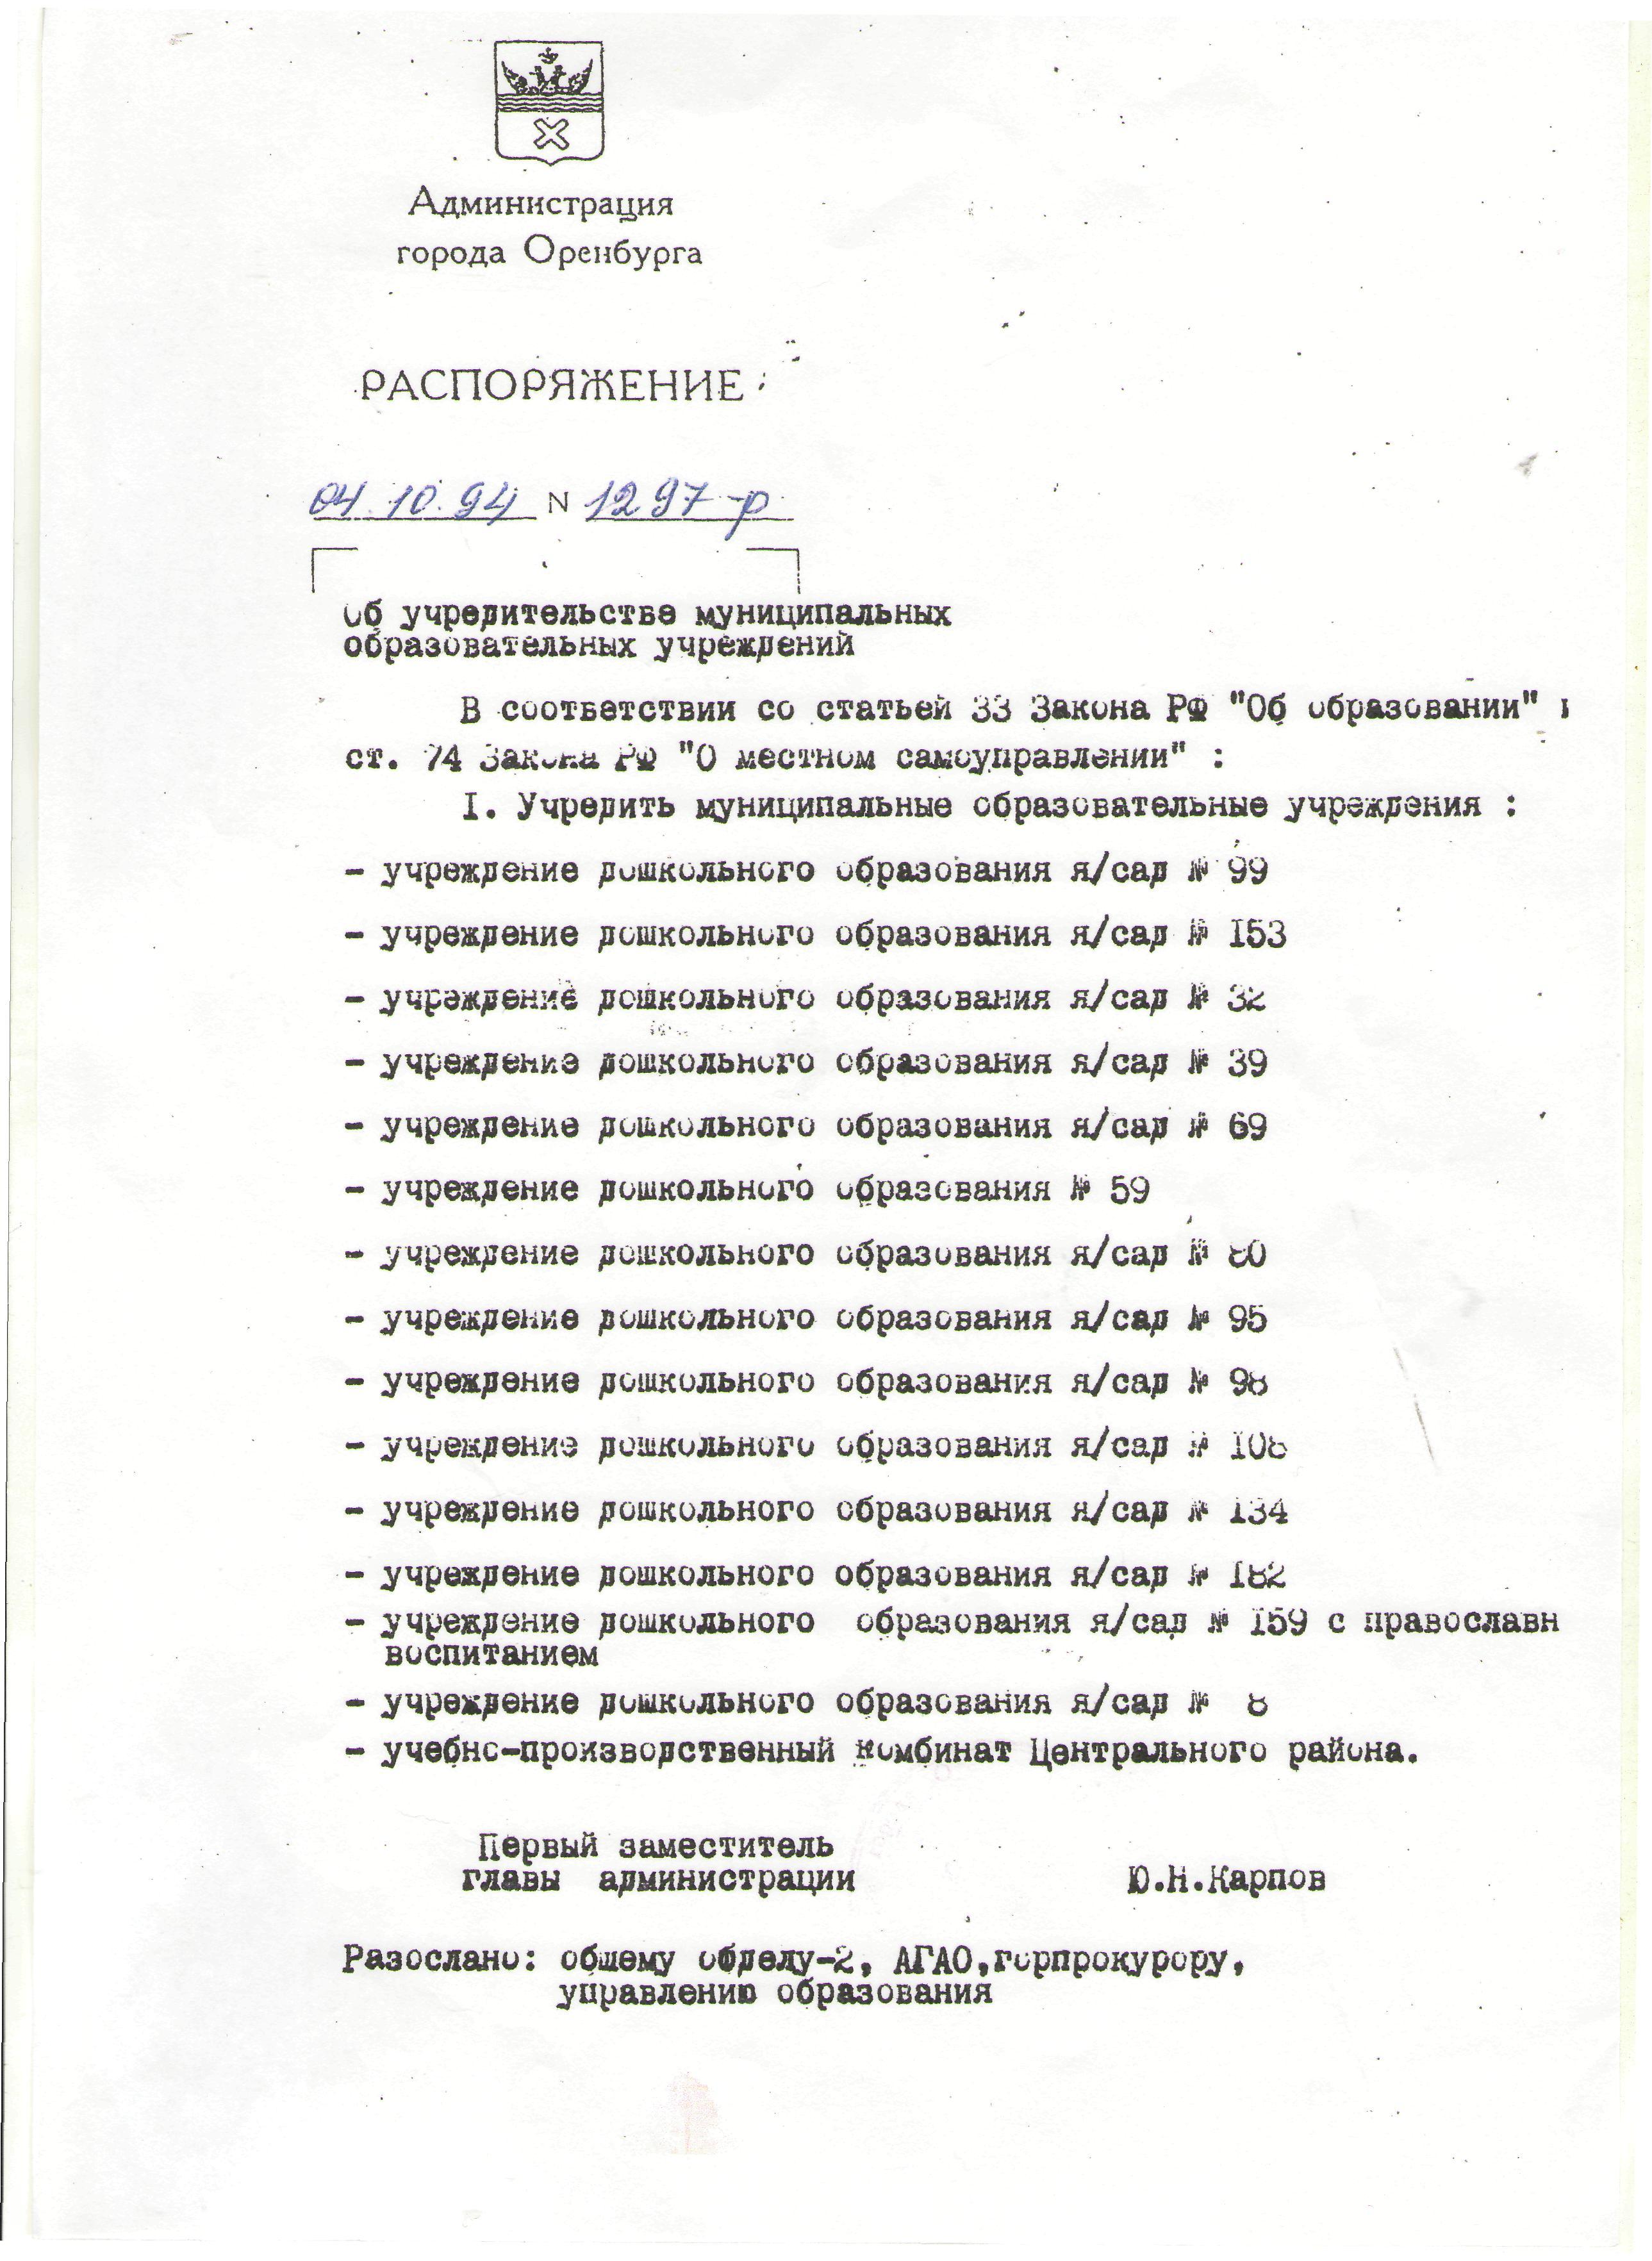 Инструкции министерства финансов